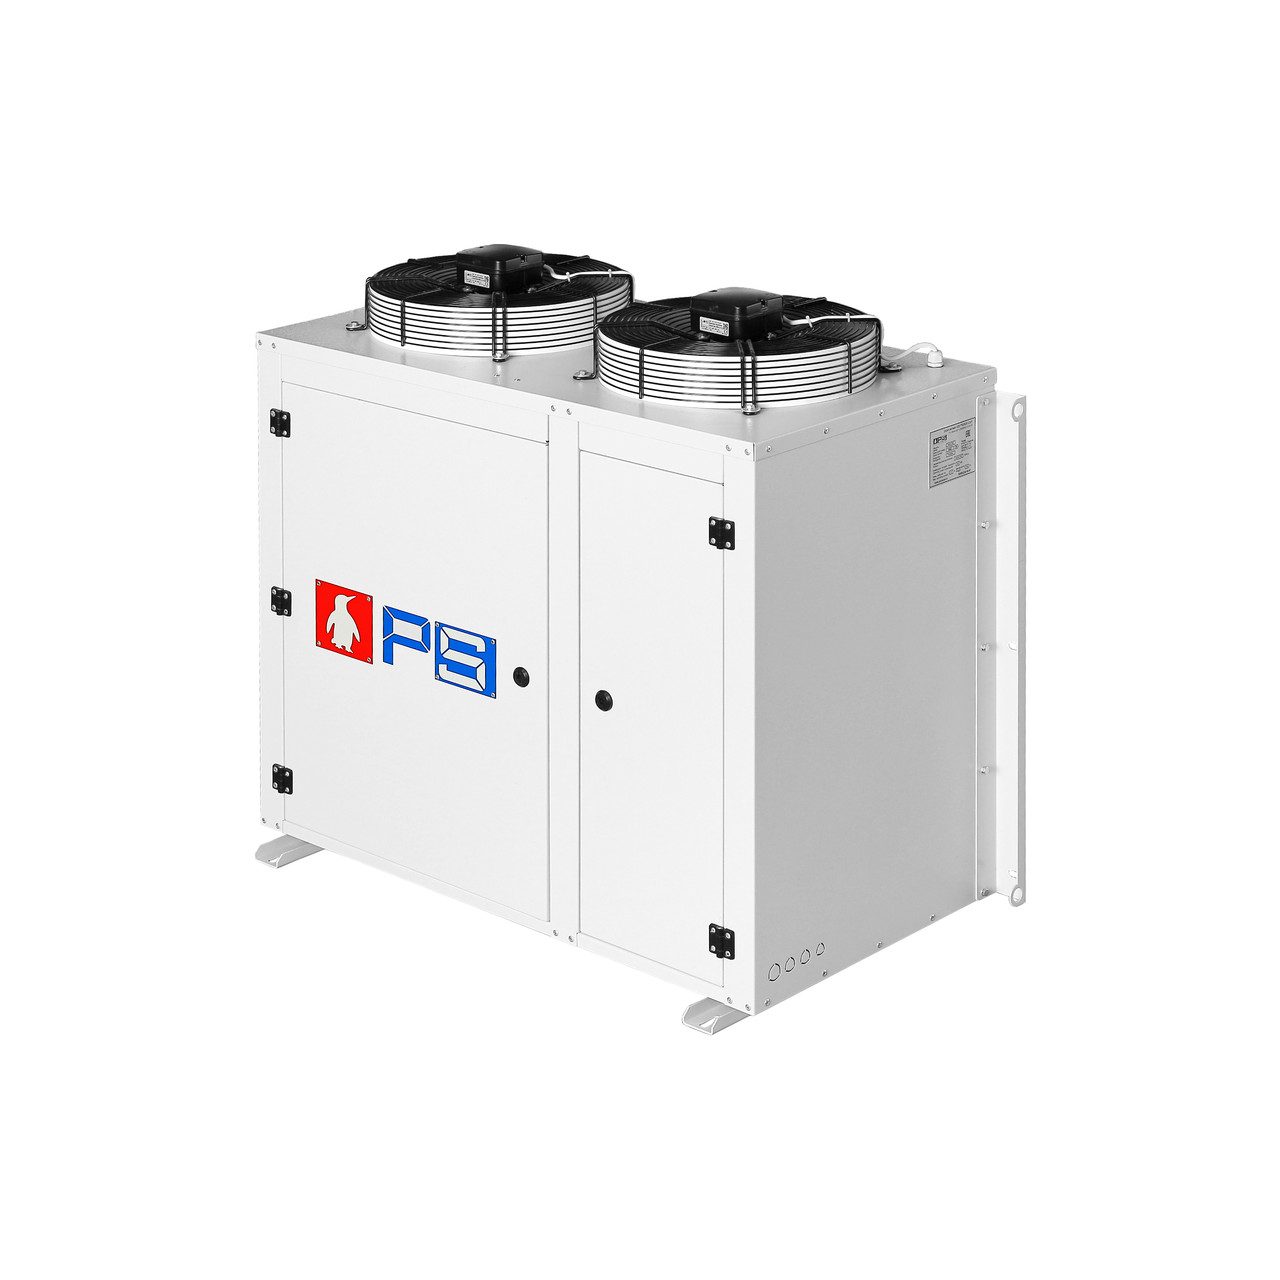 Сплит-система среднетемпературная ПОЛЮС-САР 27-66м³ MGS 320 F S